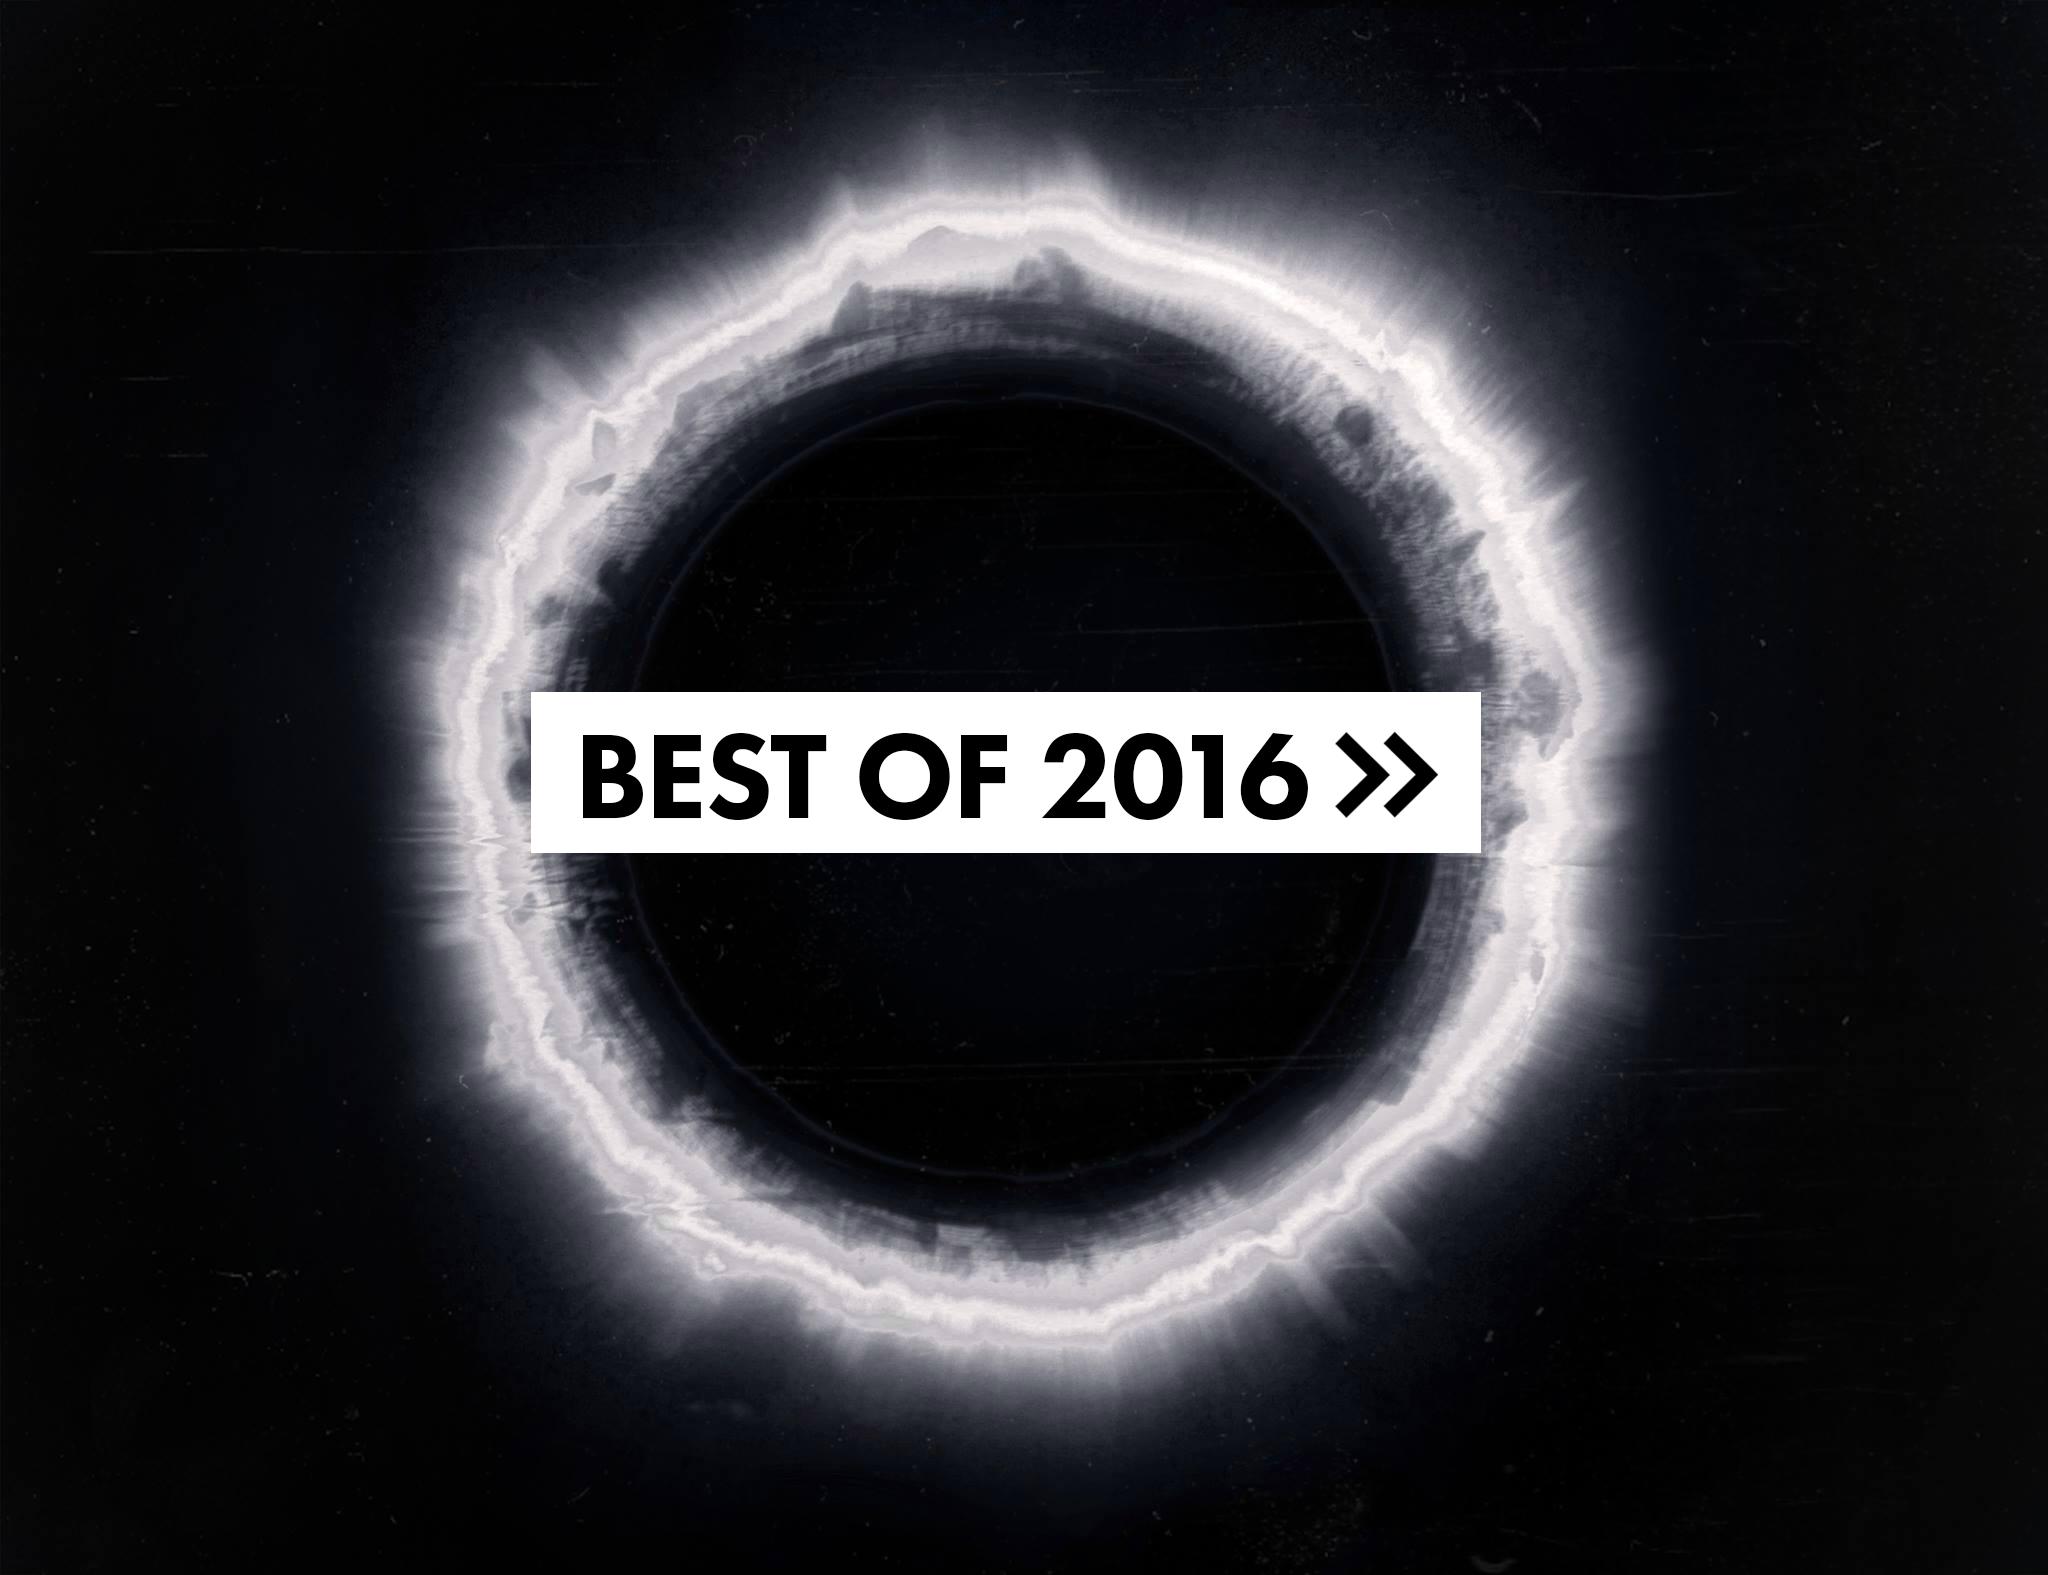 Kristina's picks for best of 2016